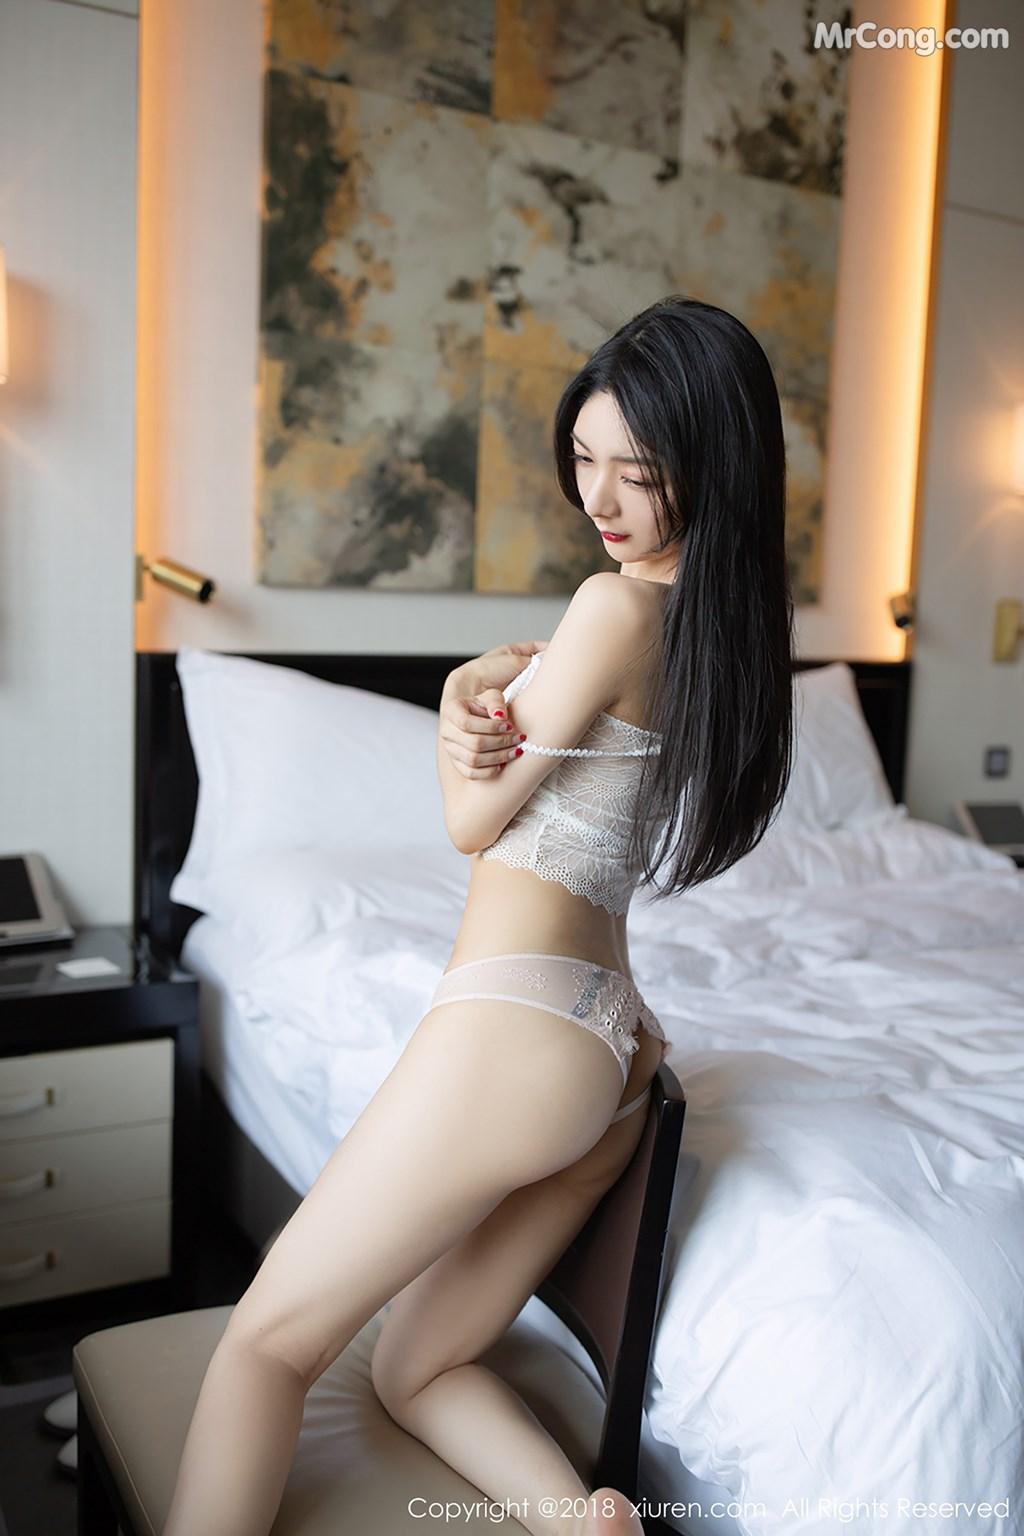 Image XIUREN-No.1194-Xiao-Reba-Angela-MrCong.com-008 in post XIUREN No.1194: Người mẫu Xiao Reba (Angela小热巴) (42 ảnh)